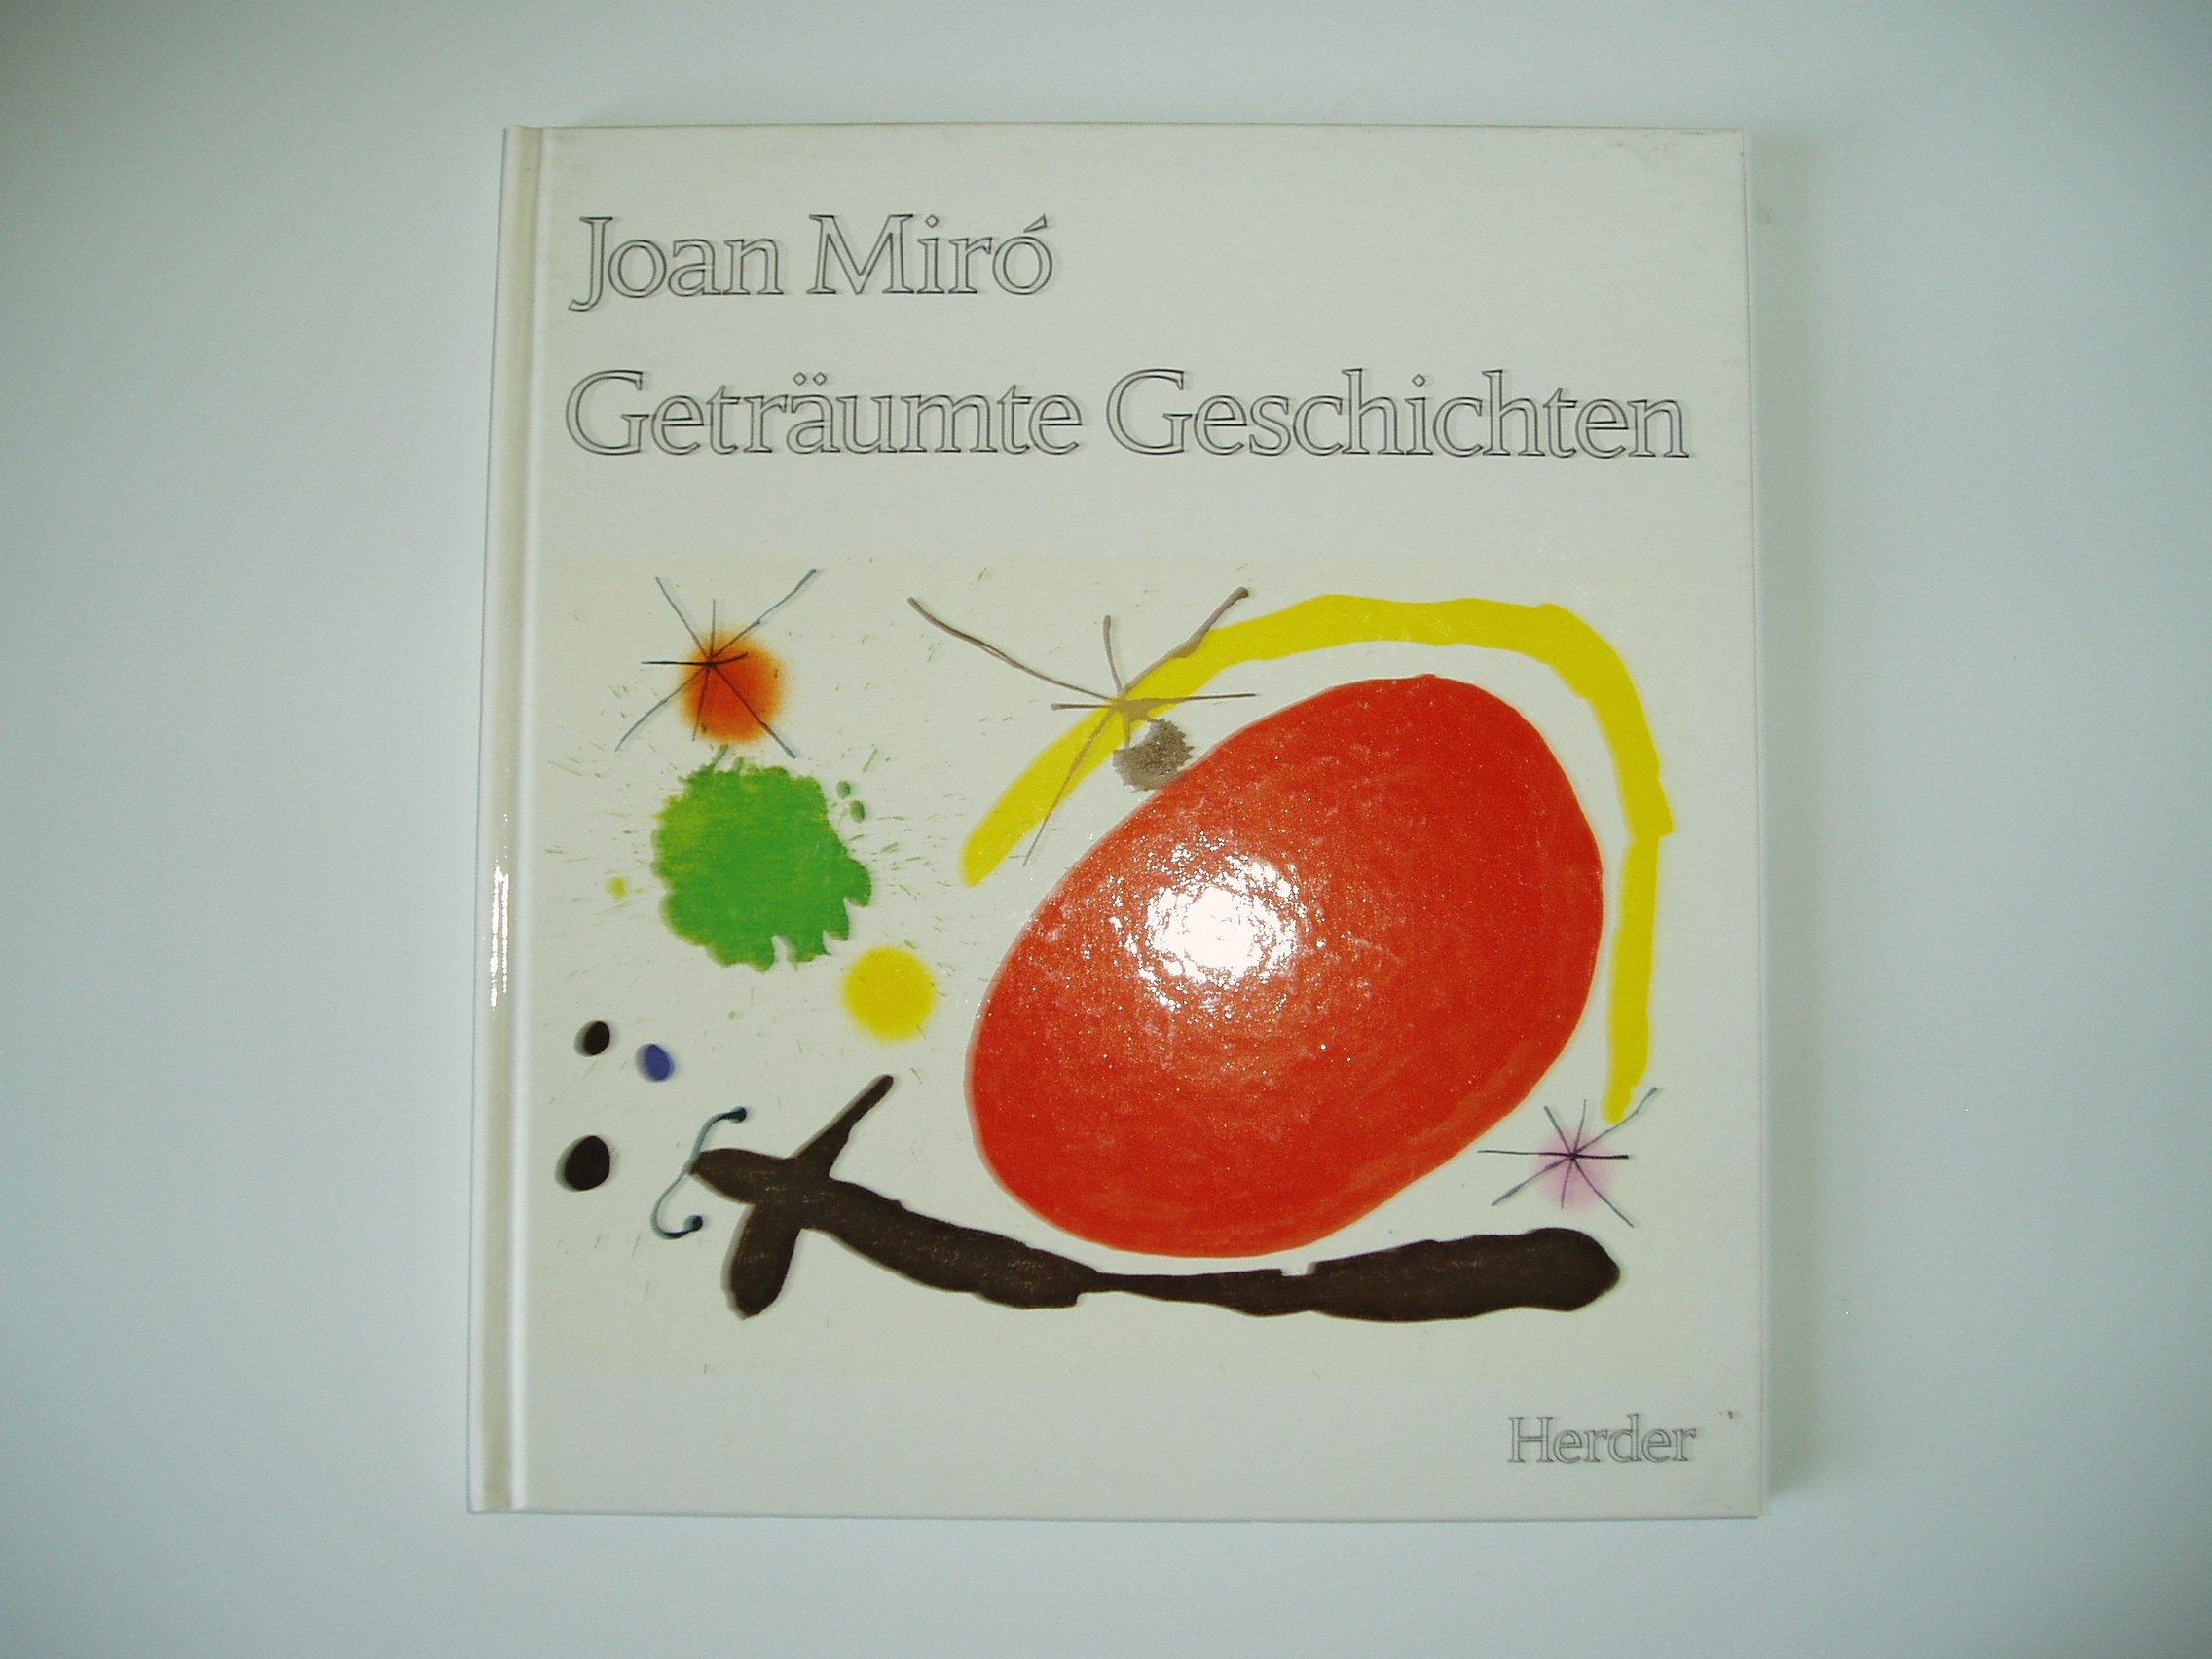 Geträumte Geschichten: Amazon.de: Joan Miro: Bücher